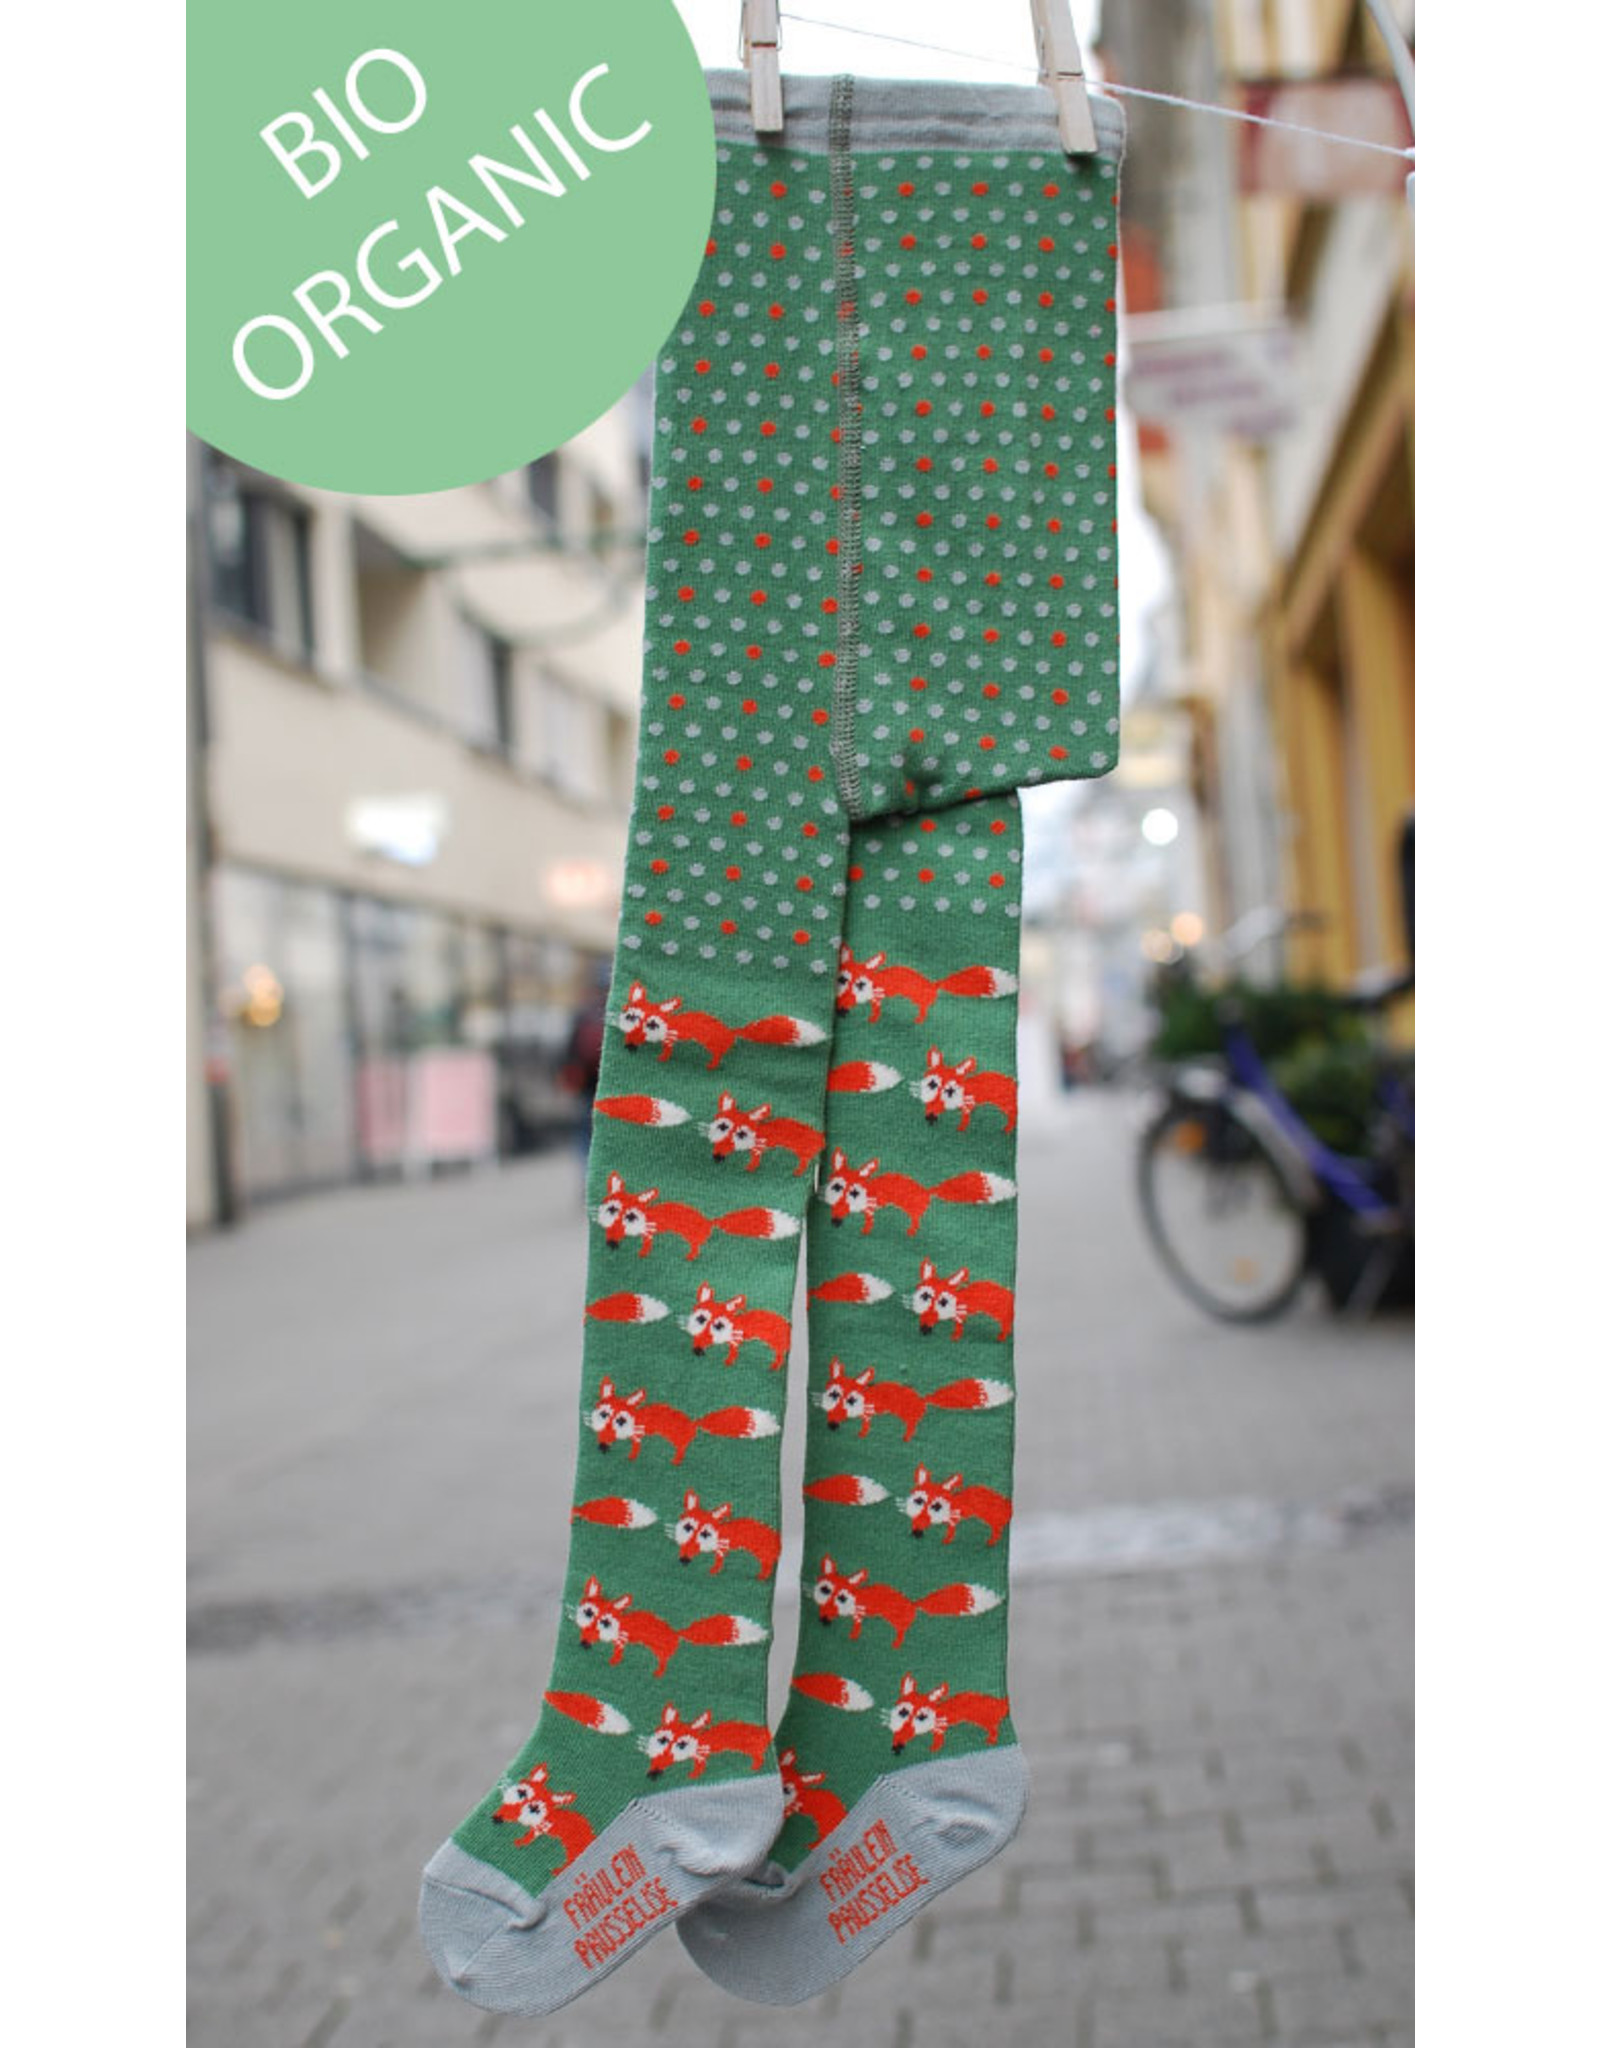 Fräulein Prusselise Children's maillots - foxes